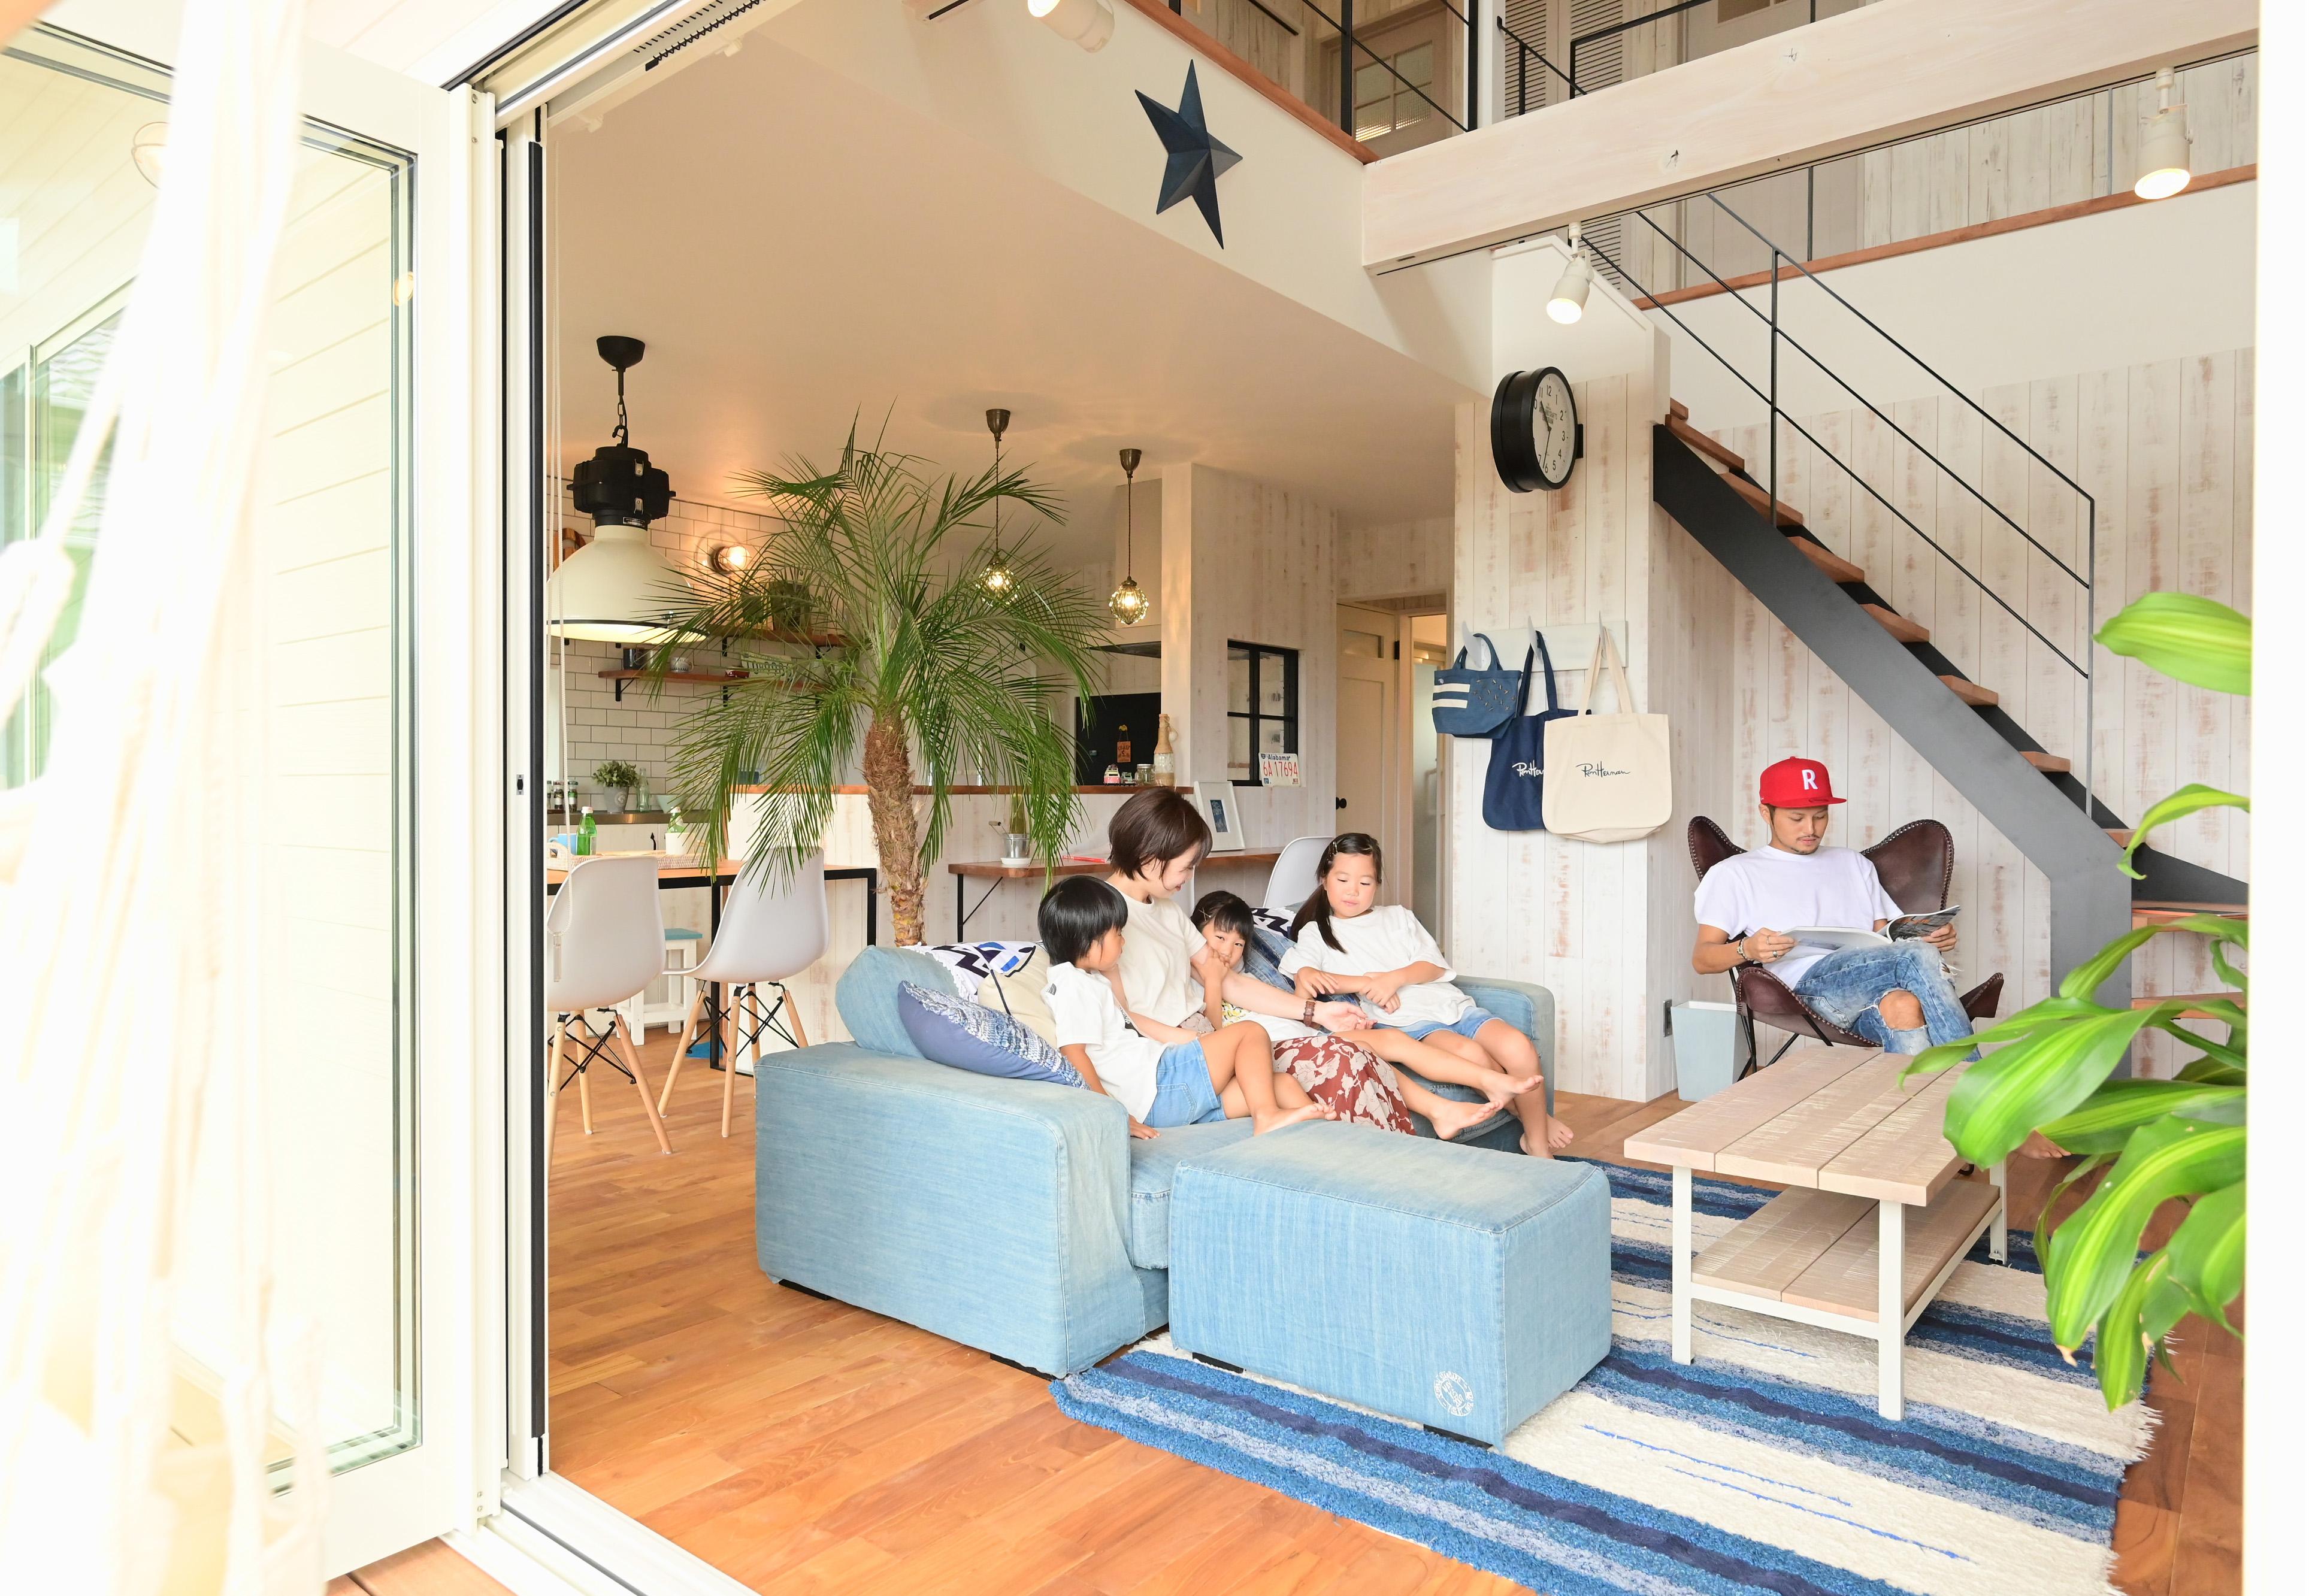 クローバーハウス 【輸入住宅、省エネ、インテリア】LDKは一面の窓を開け、開放的なアウトドアリビングとしても